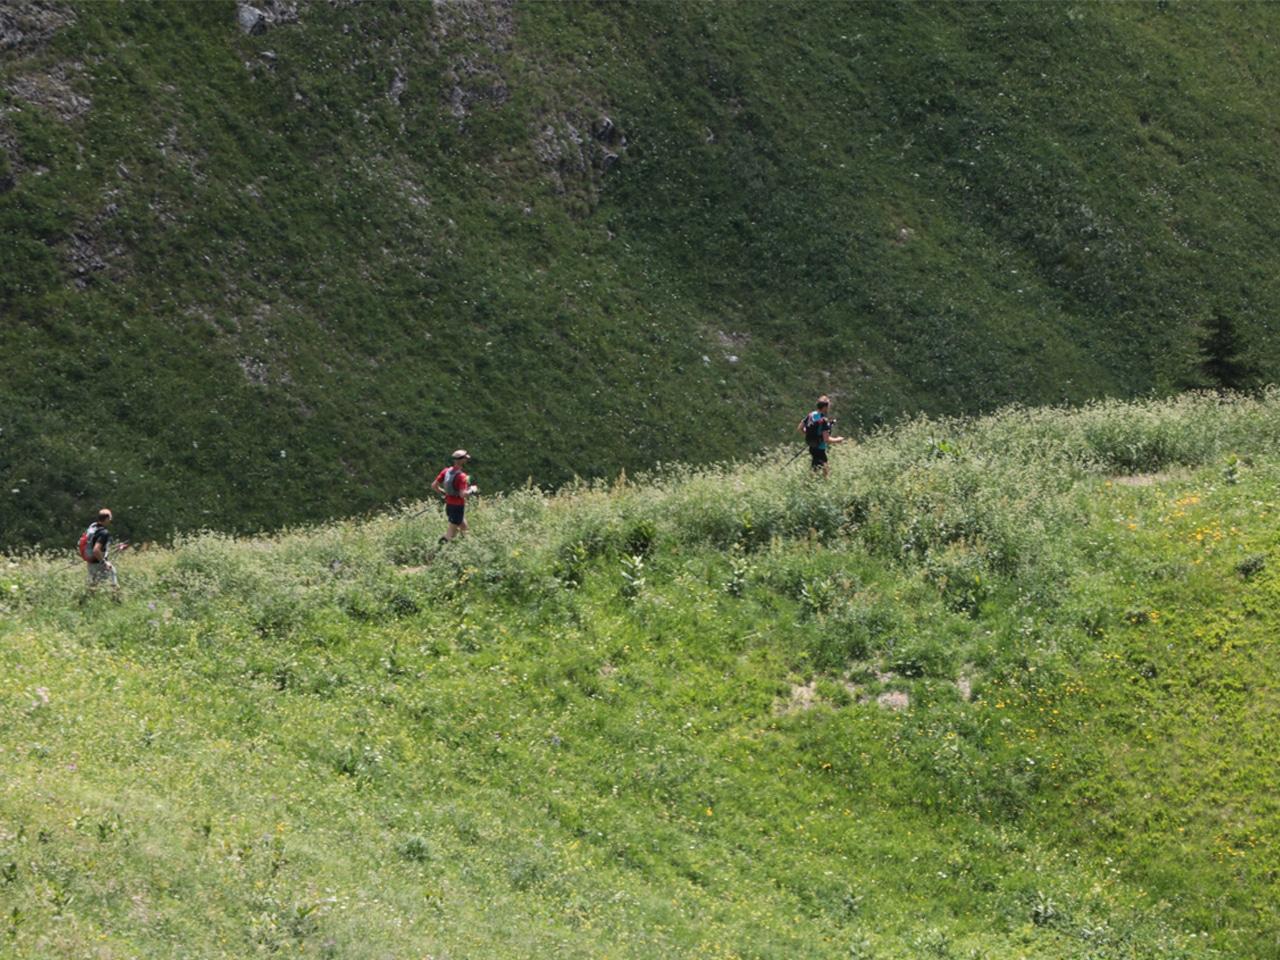 Trailrunning - 3 runners